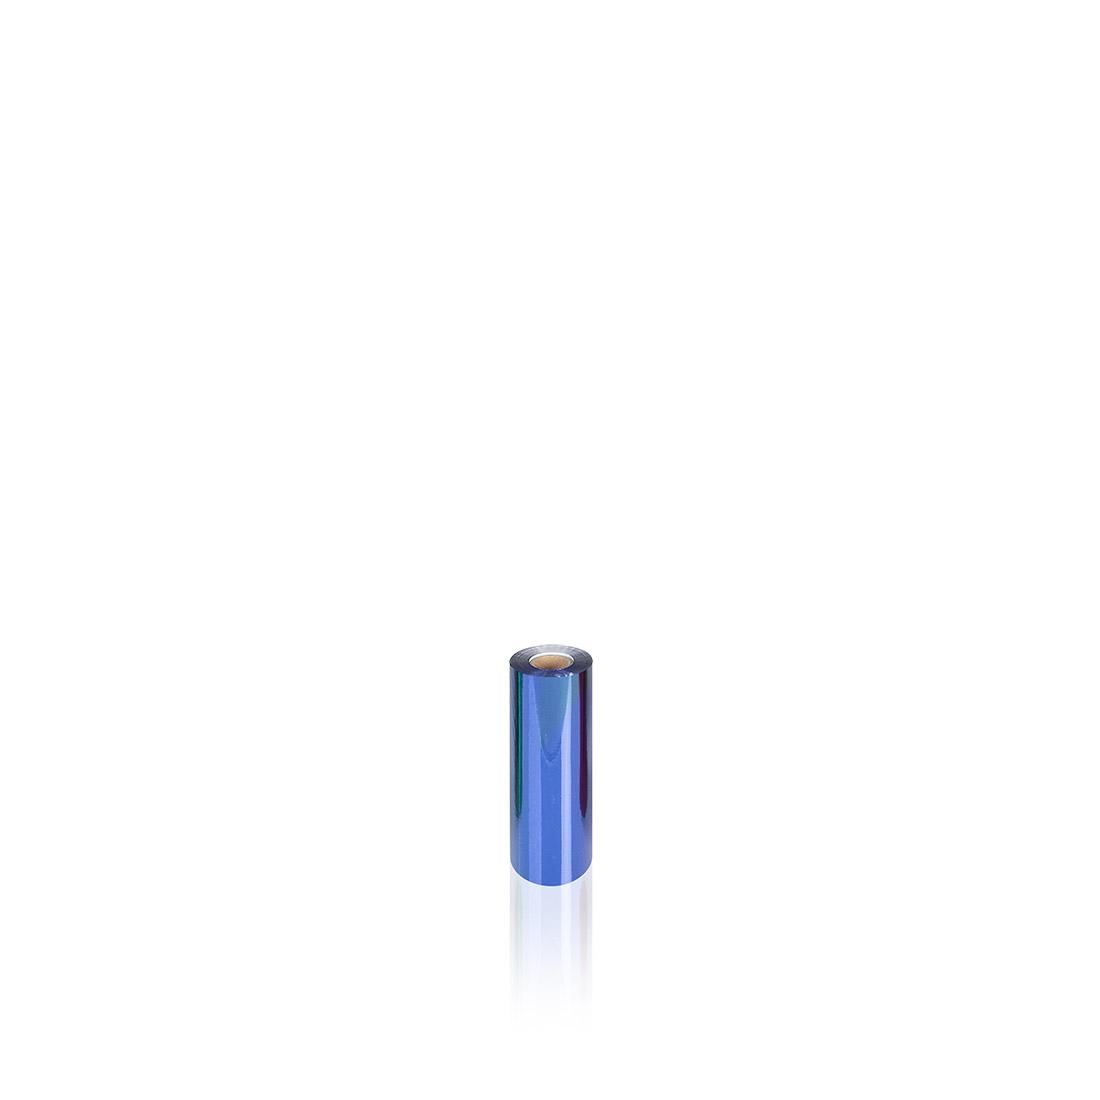 Uniwersalna folia do złoceń, nabłyszczeń w rolce - O.FOIL NEW UNIVERSAL - 16 cm x 120 m - niebieski